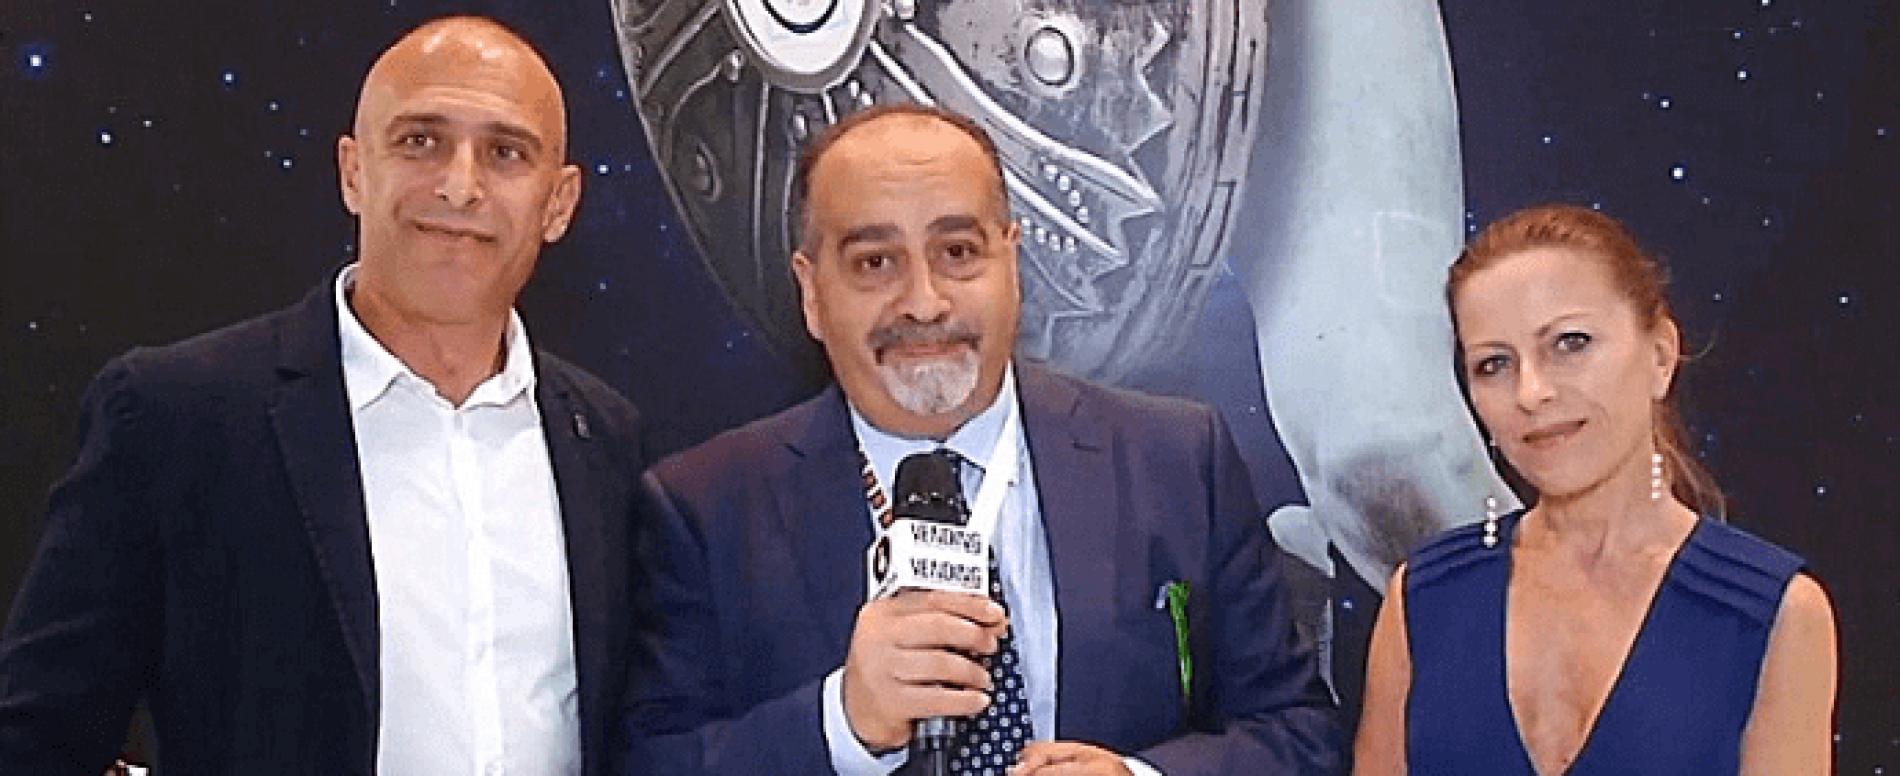 Venditalia 2018. Intervista allo stand della DIGISOFT SpA